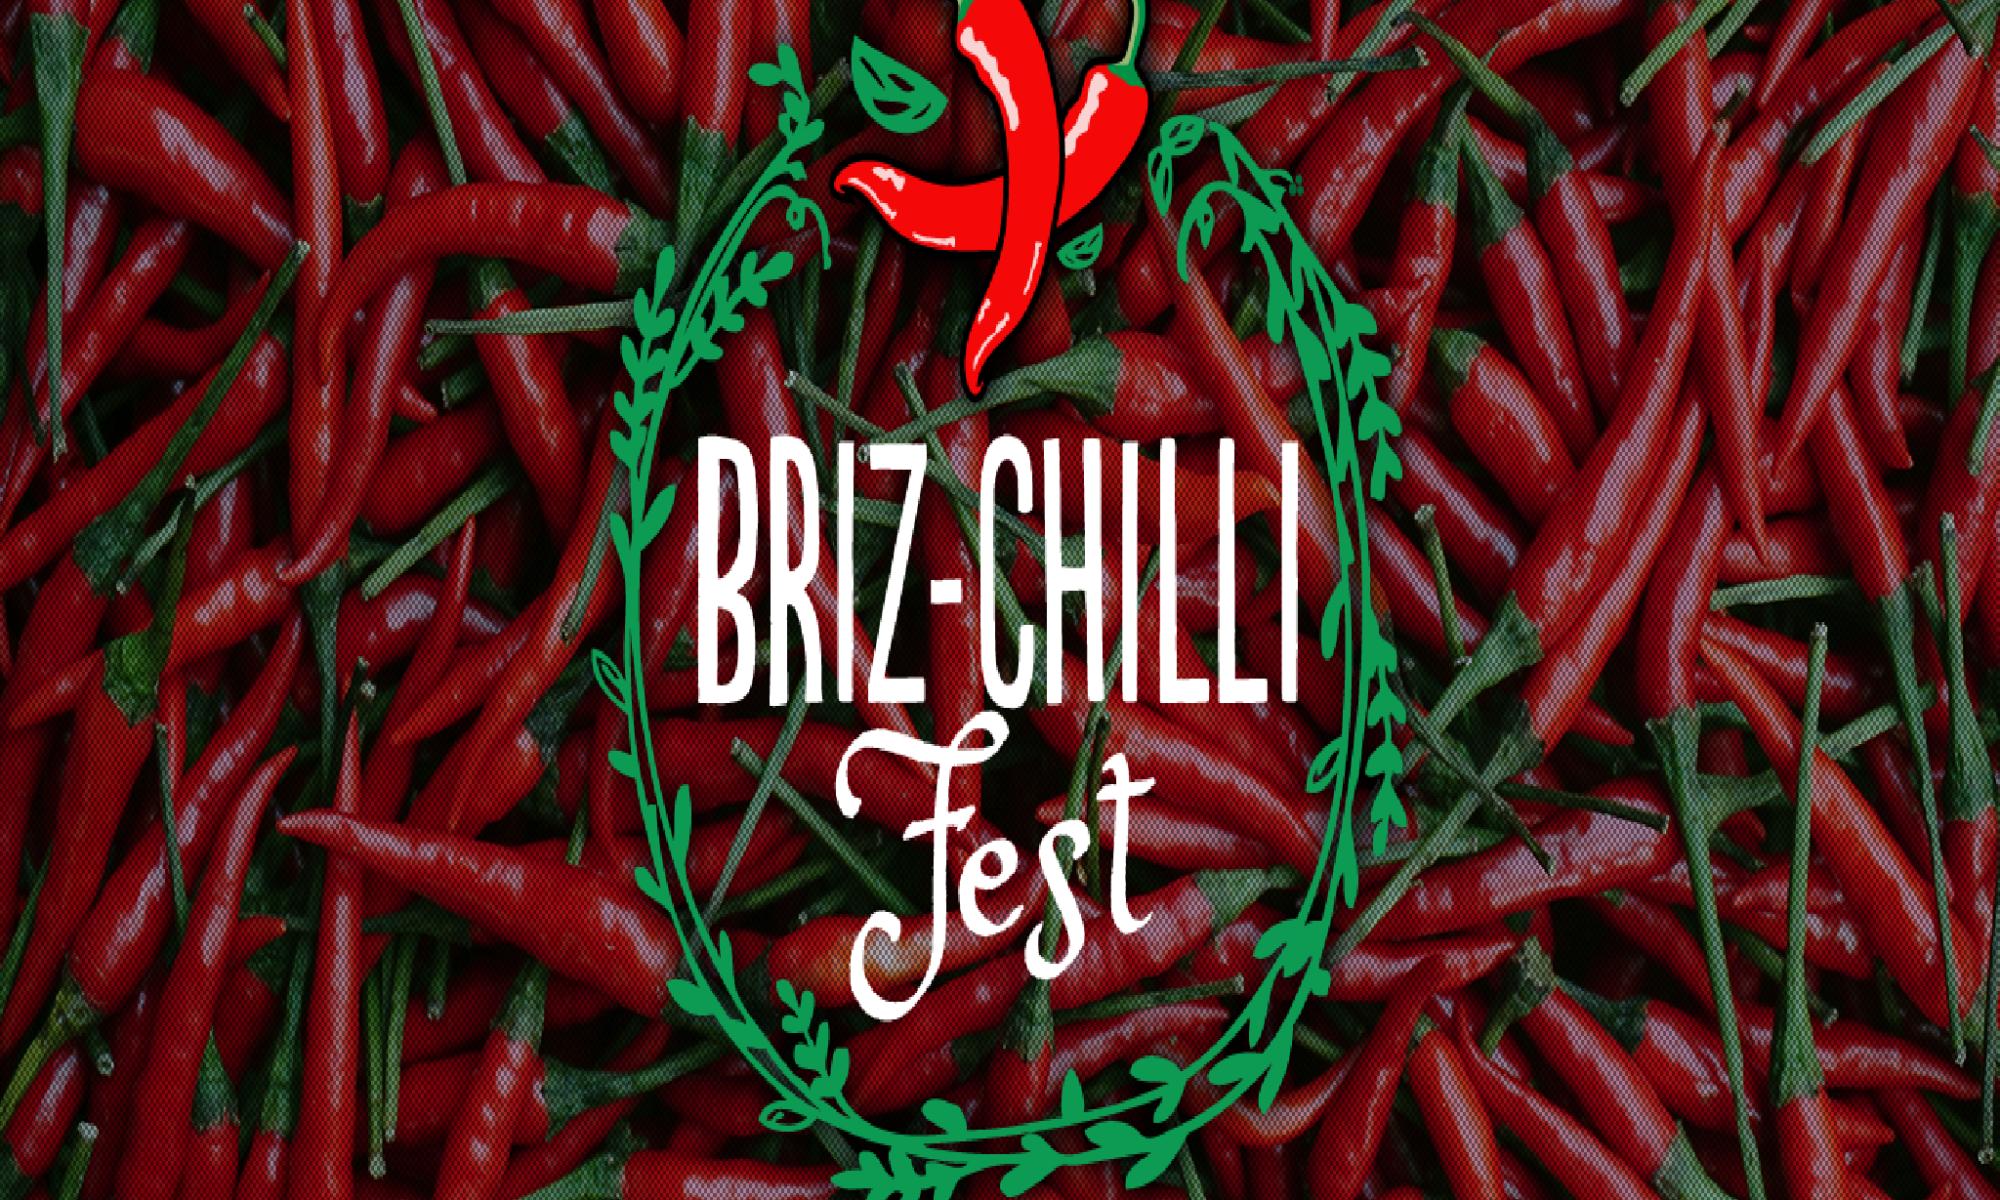 Brisbane's Chilli Festival